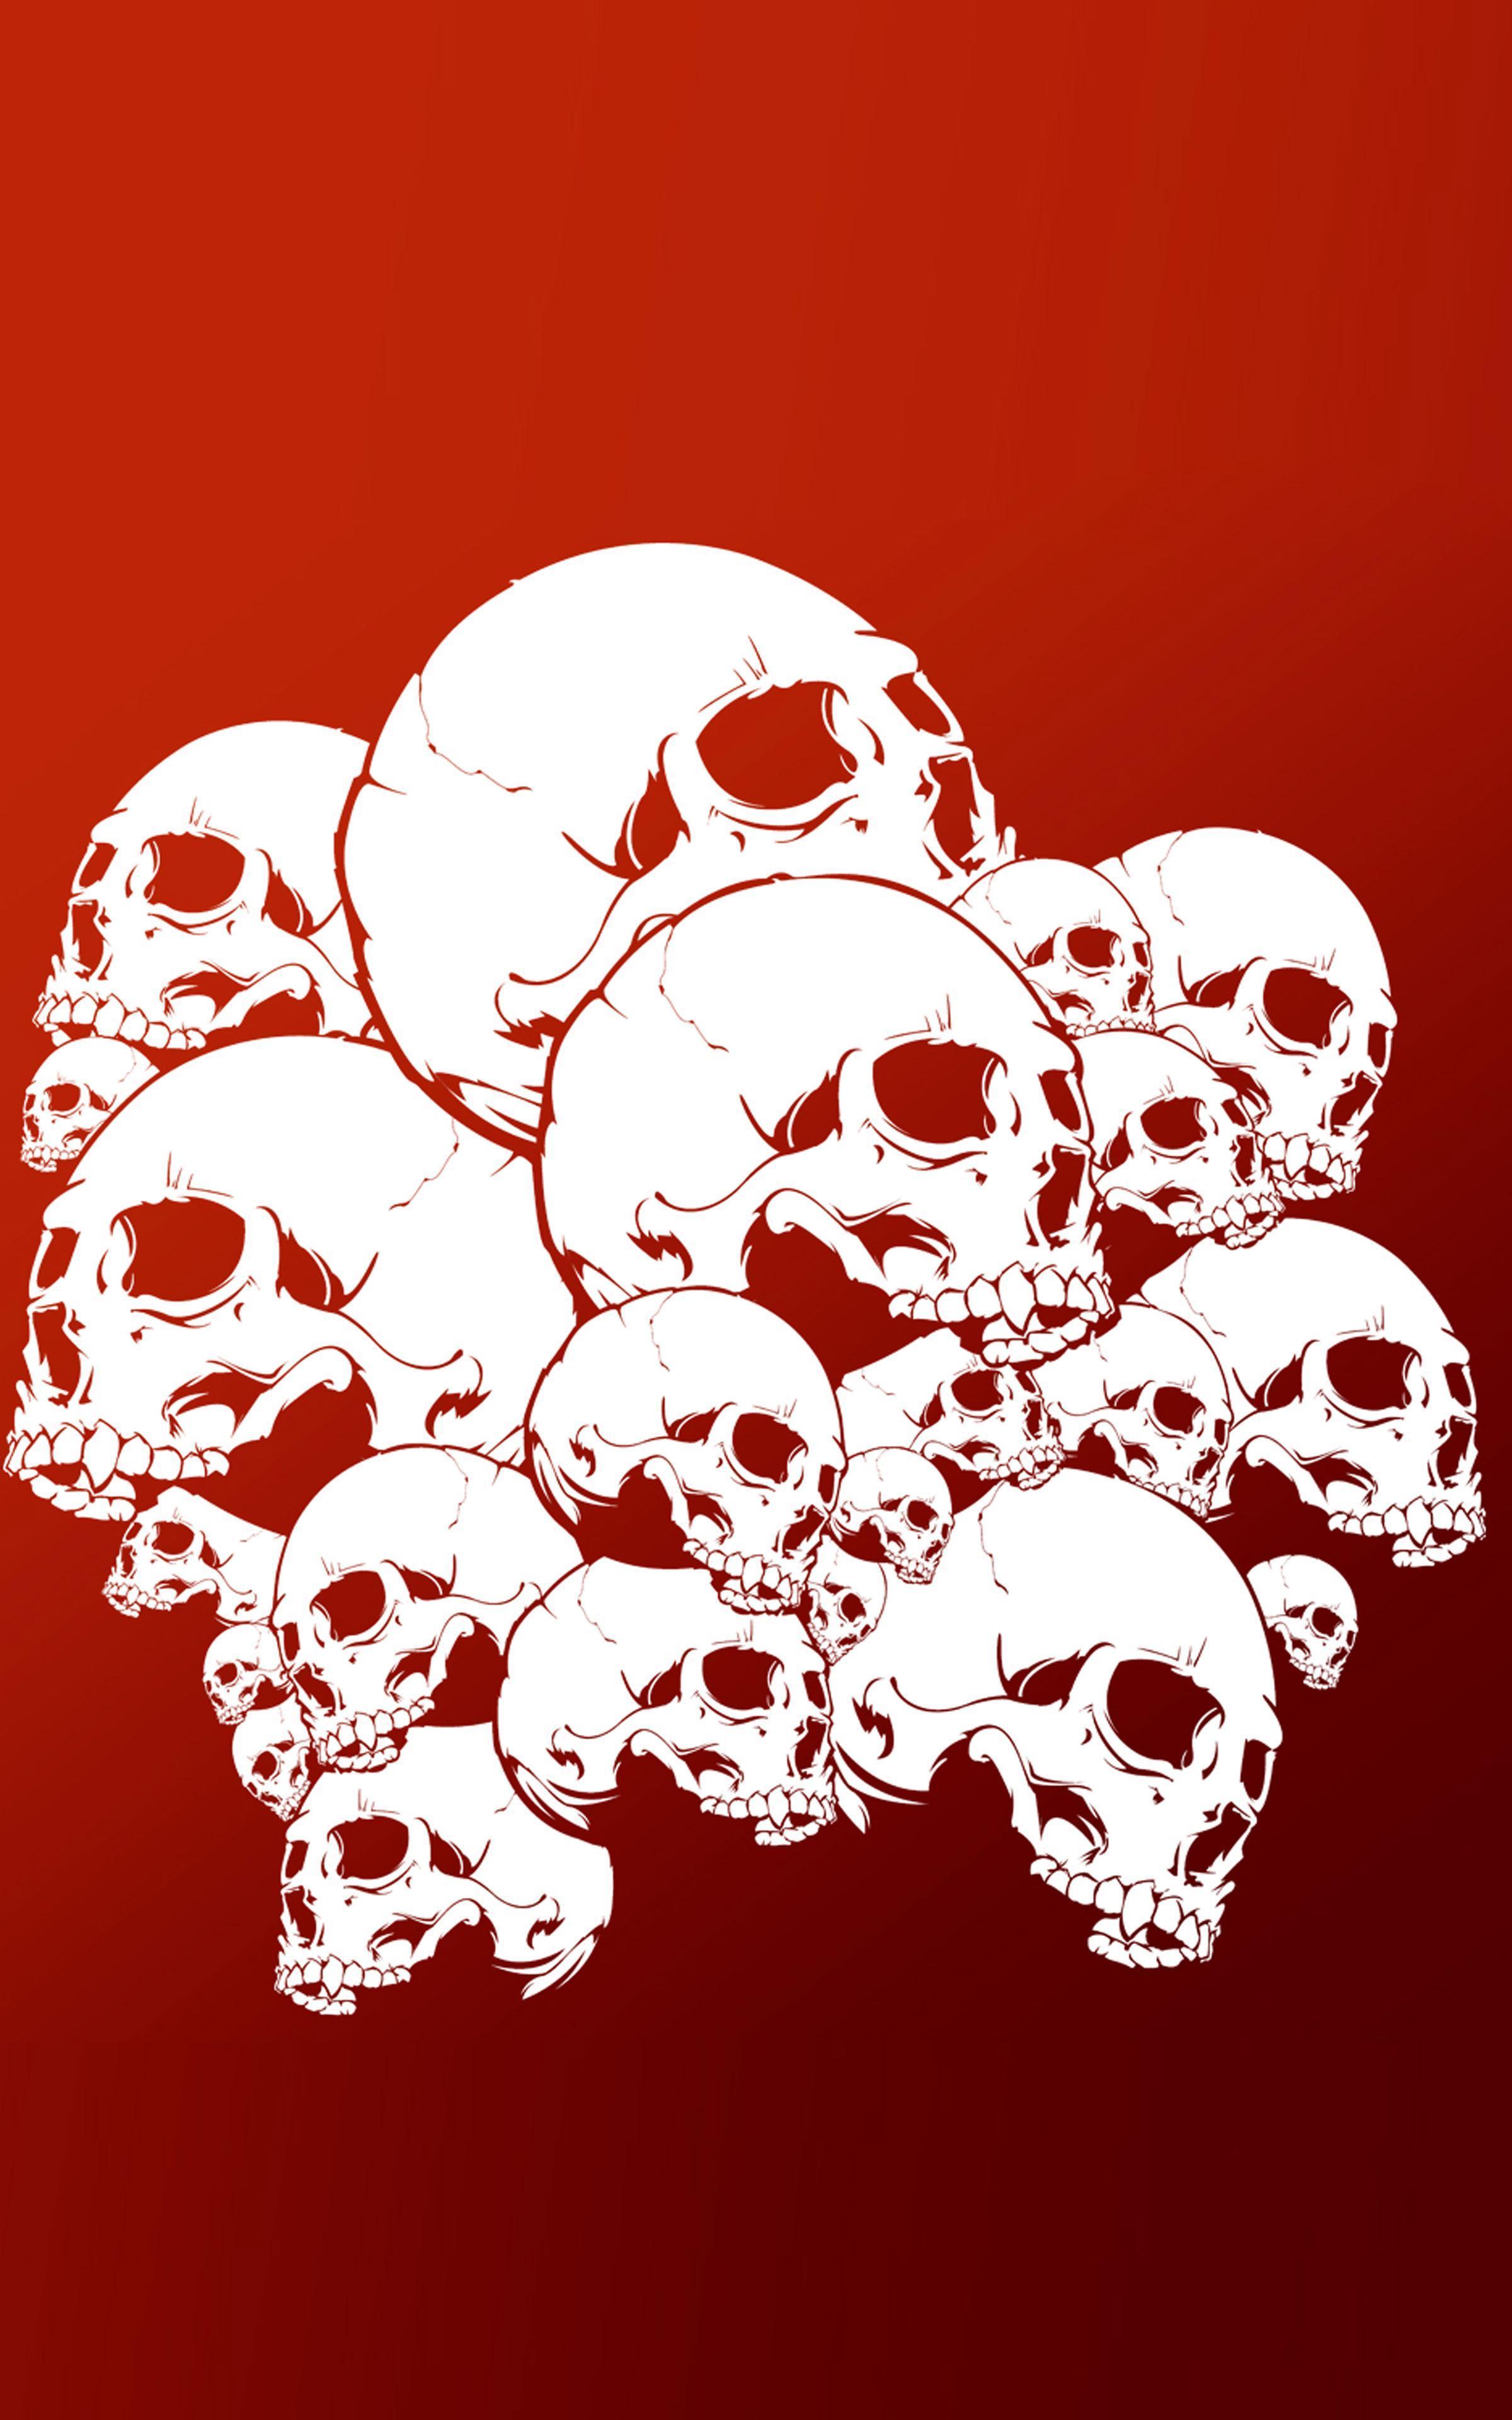 Skull Wallpaper Best Skull Wallpapers For Android Apk